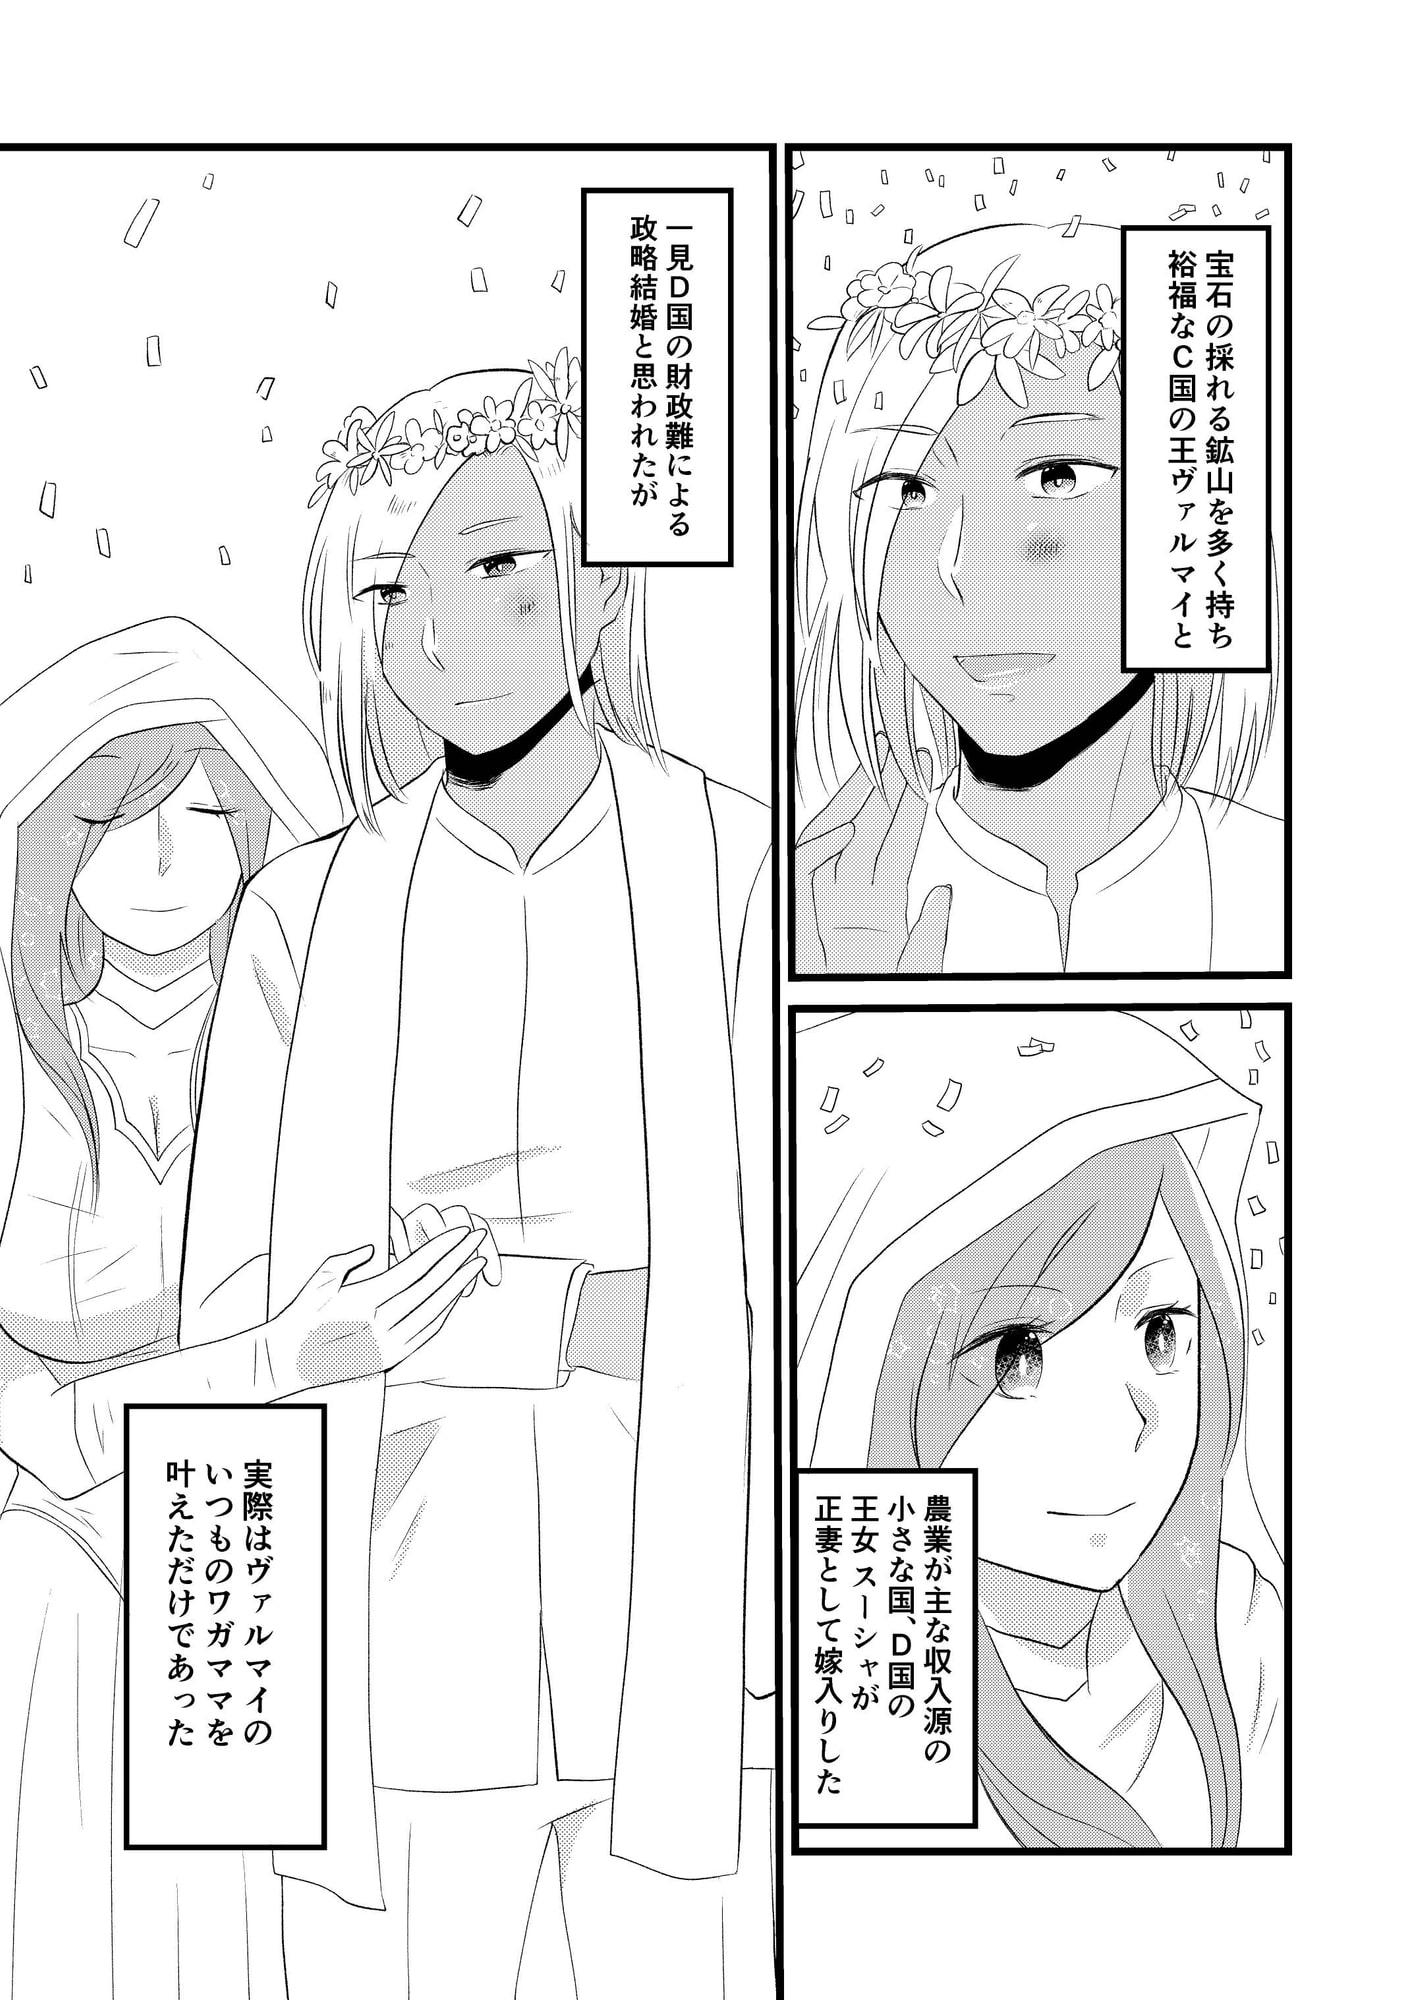 嫁にもらった他国の姫の美意識が高すぎた(商品番号:RJ334458)